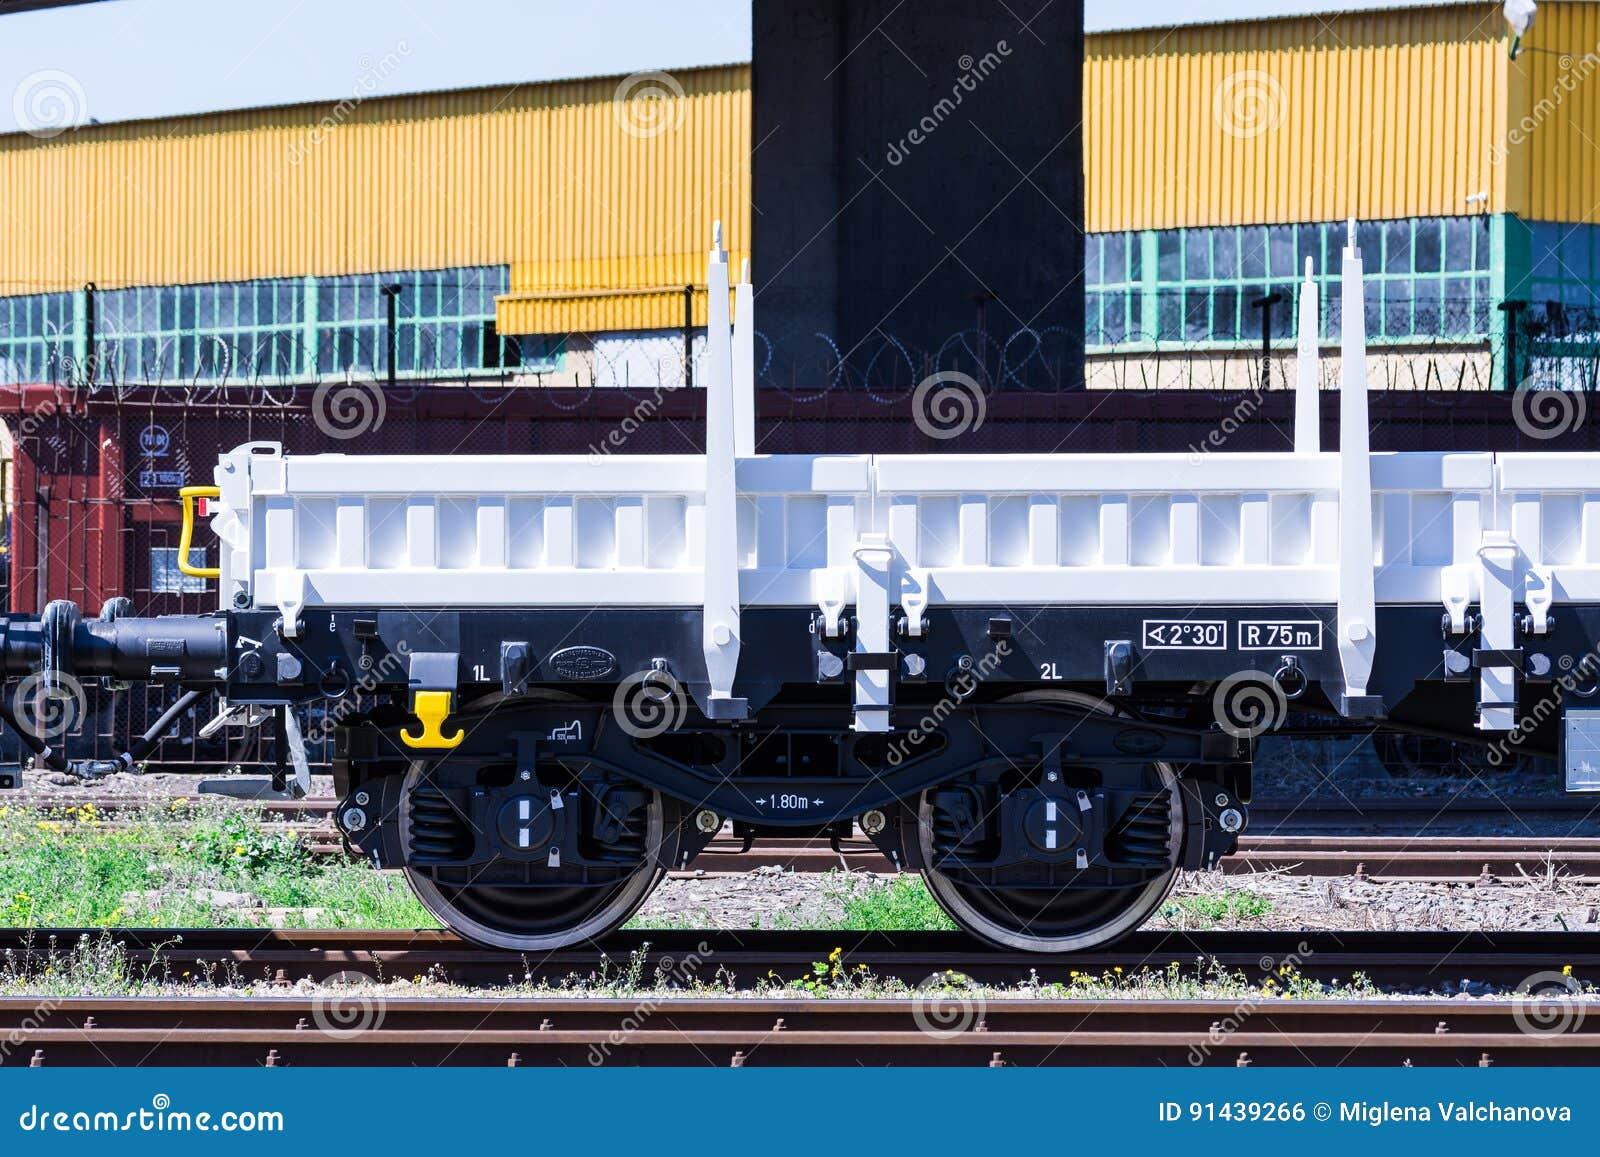 Frachtowy ładunku pociąg Toczy - 4axled płaskiego furgonu białego typ: Burgas Bułgaria, Marzec - 20, 2017 -Rens model: 192, b - T